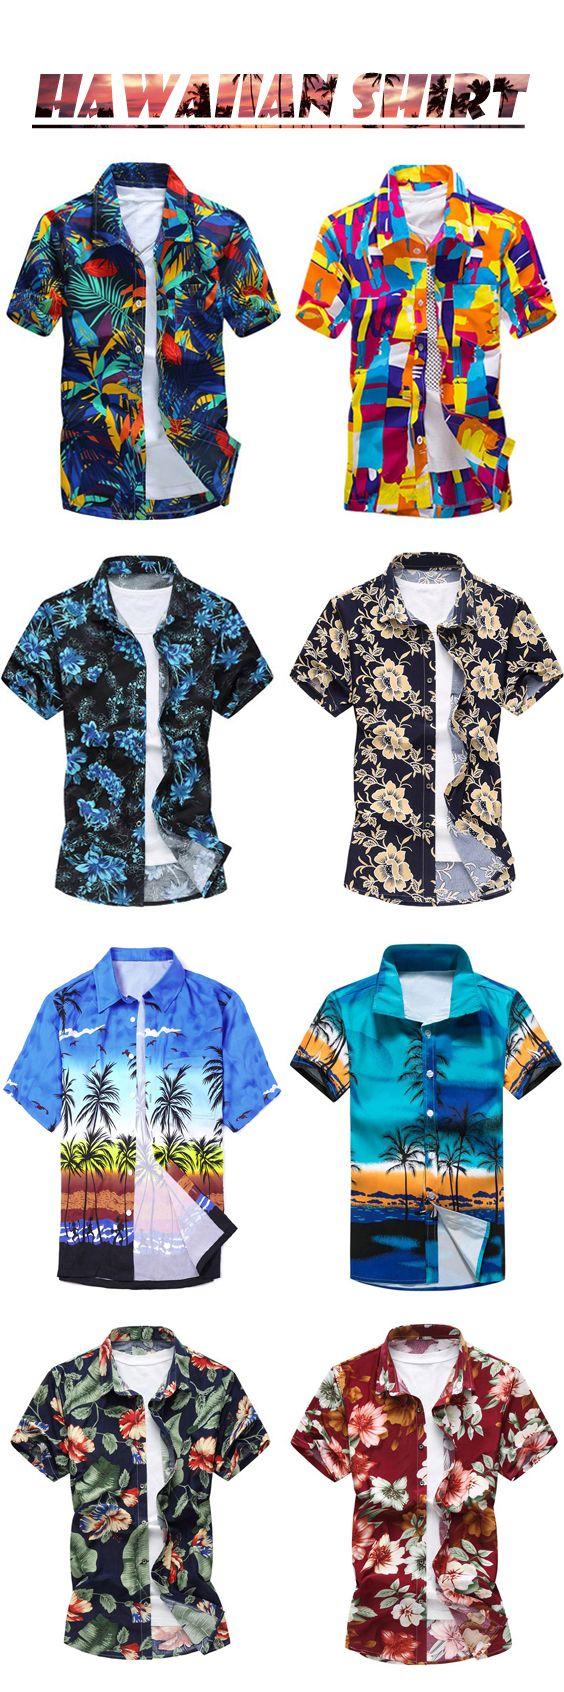 Short Sleeves, Hawaiian Shirt